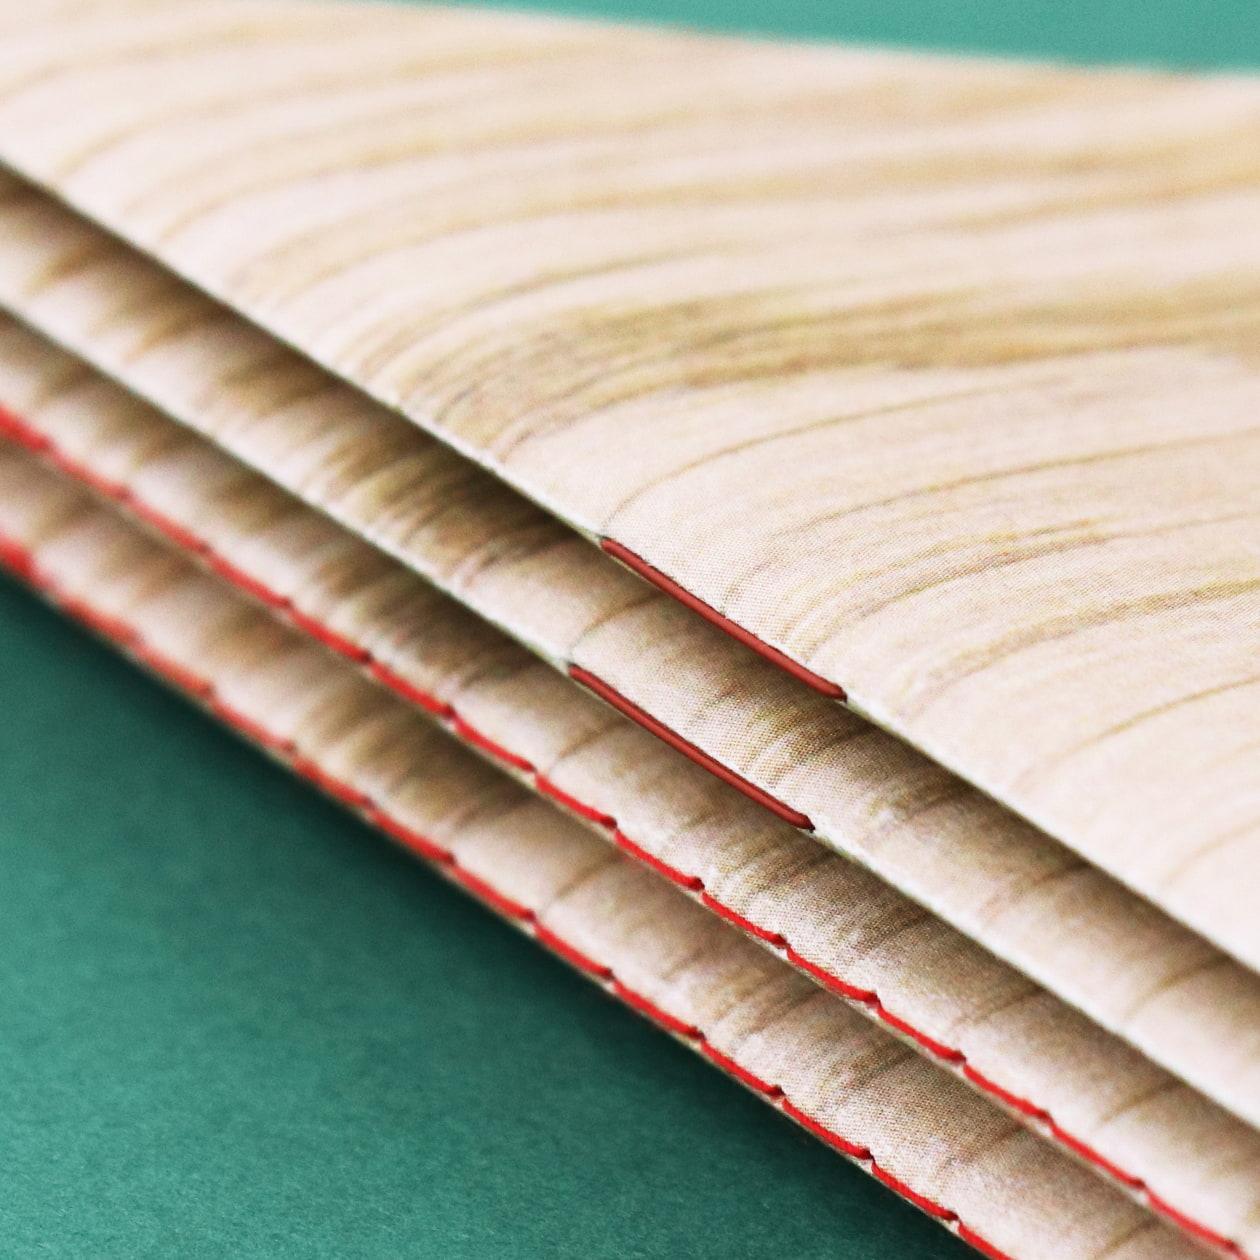 形がポップで目を引く 木製おもちゃメーカーの商品カタログ